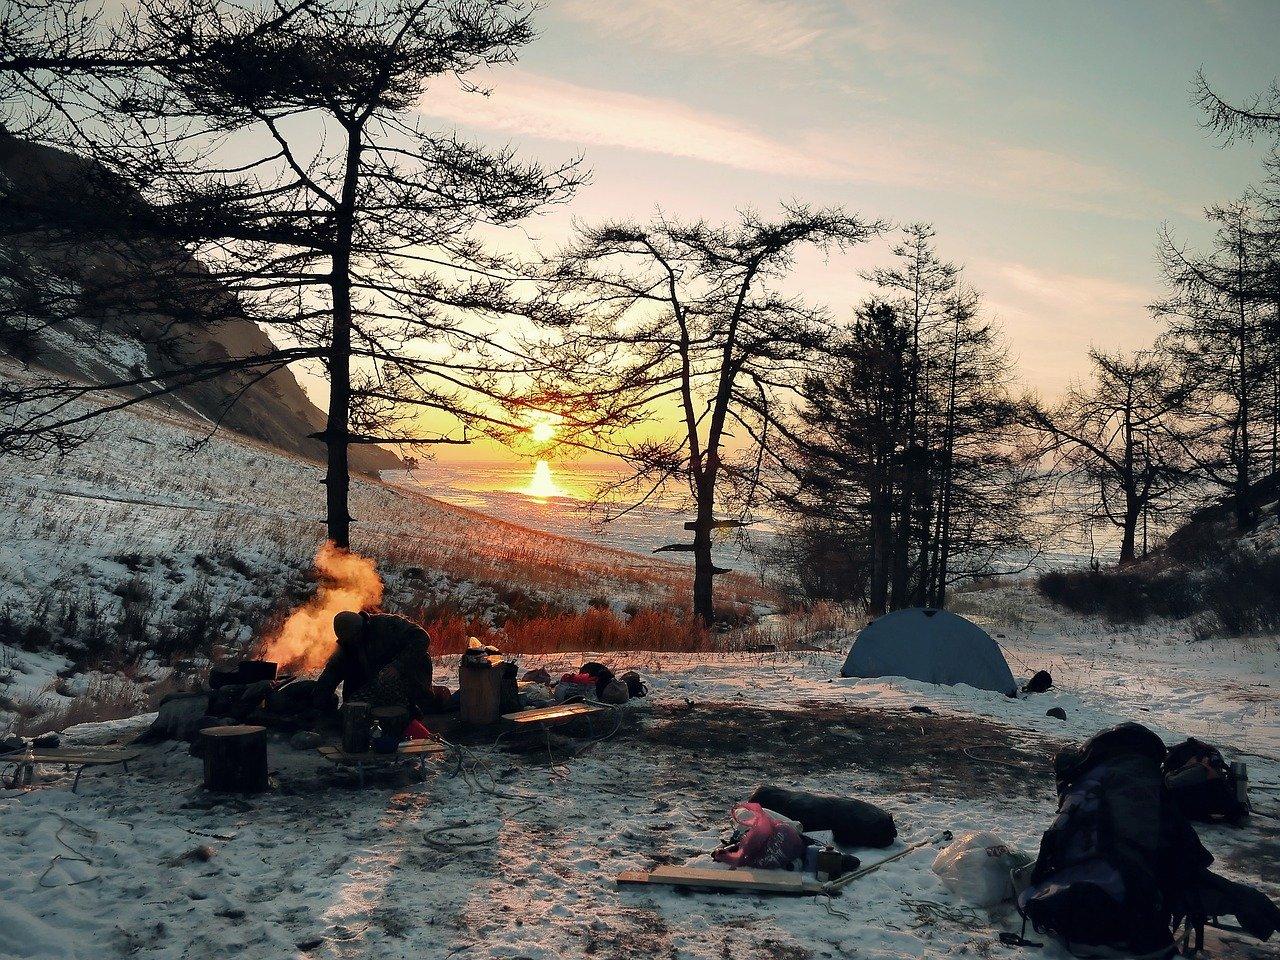 como acampar no inverno